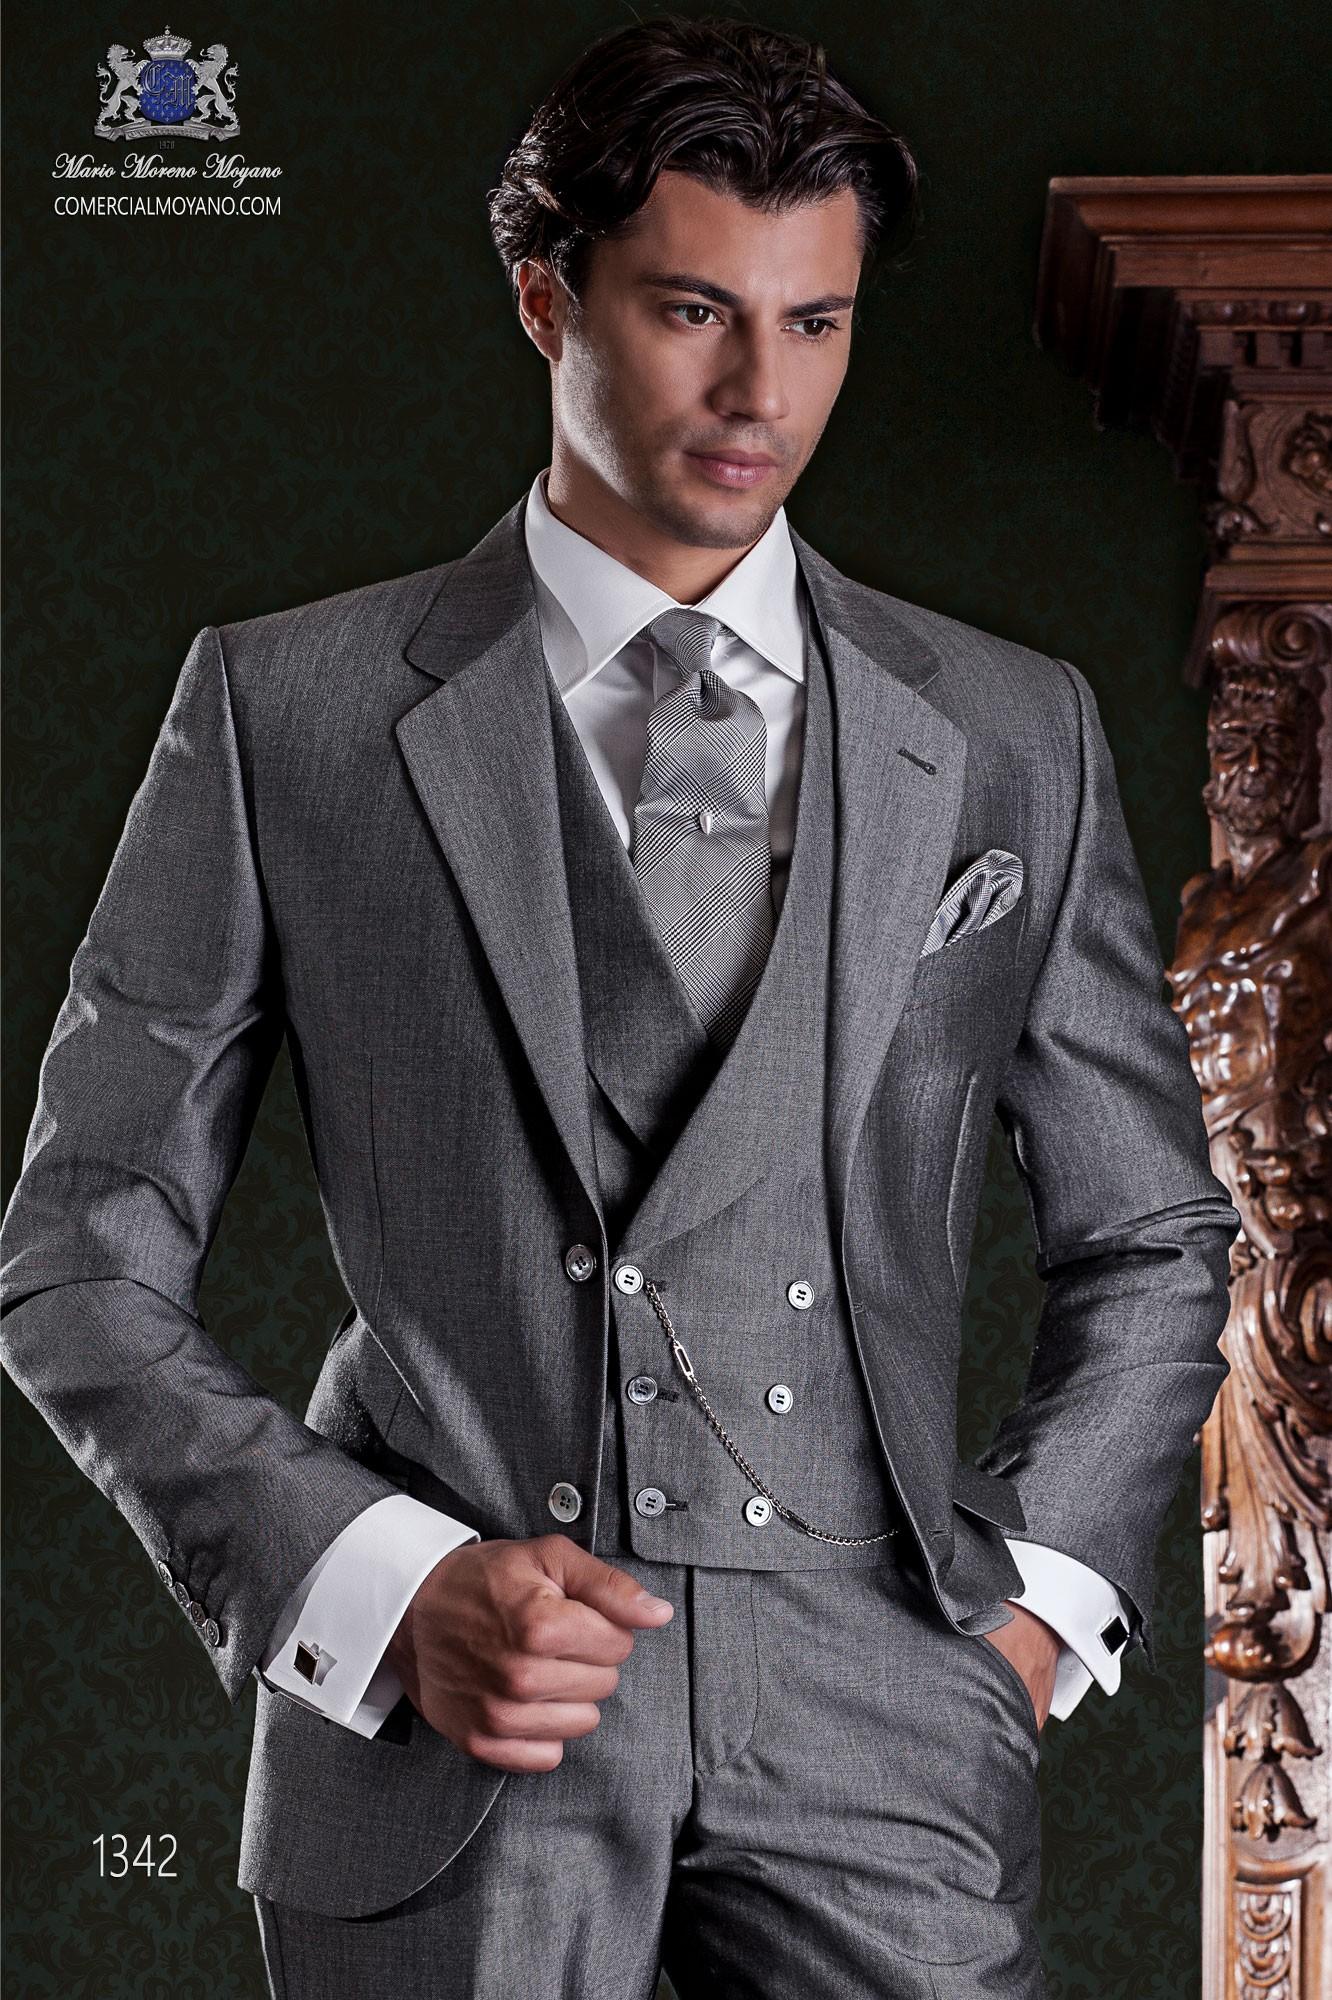 """01329c02a979b Traje de sastrería italiano de elegante corte """"Slim"""". Tejido lana de alpaca  gris. Loading zoom"""